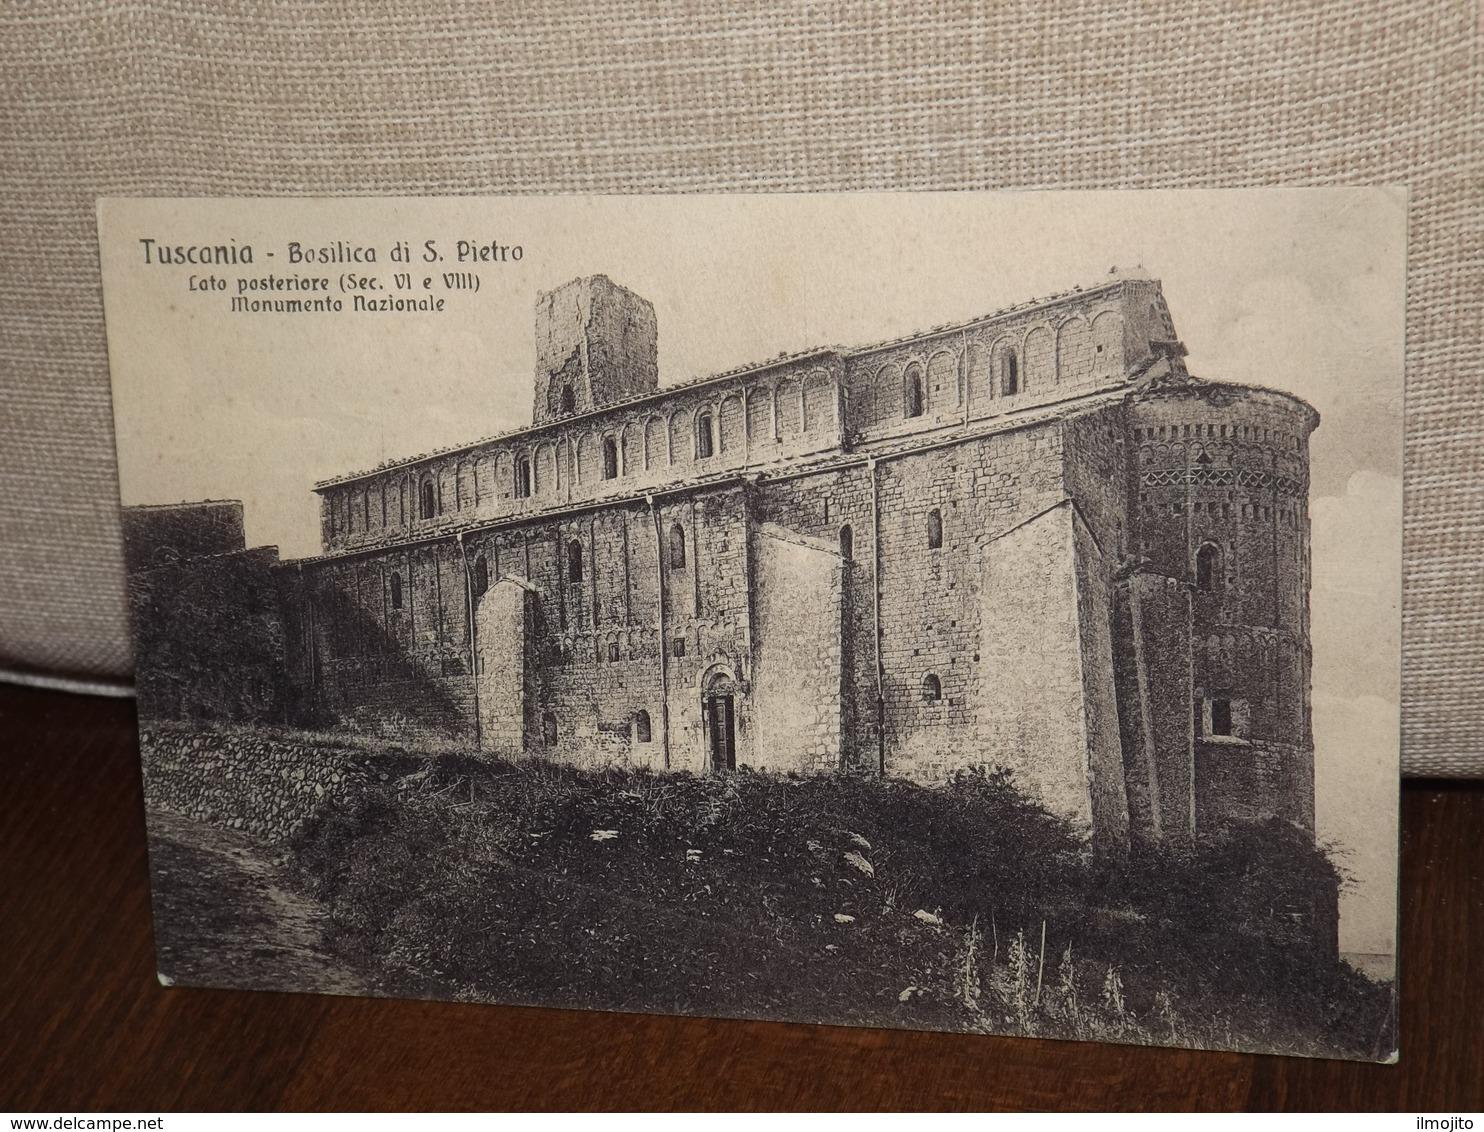 CARTOLINA TUSCANIA BASILICA DI S.PIETRO MONUMENTO NAZIONALE LATO POSTERIORE FORMATO PICCOLO - Italia